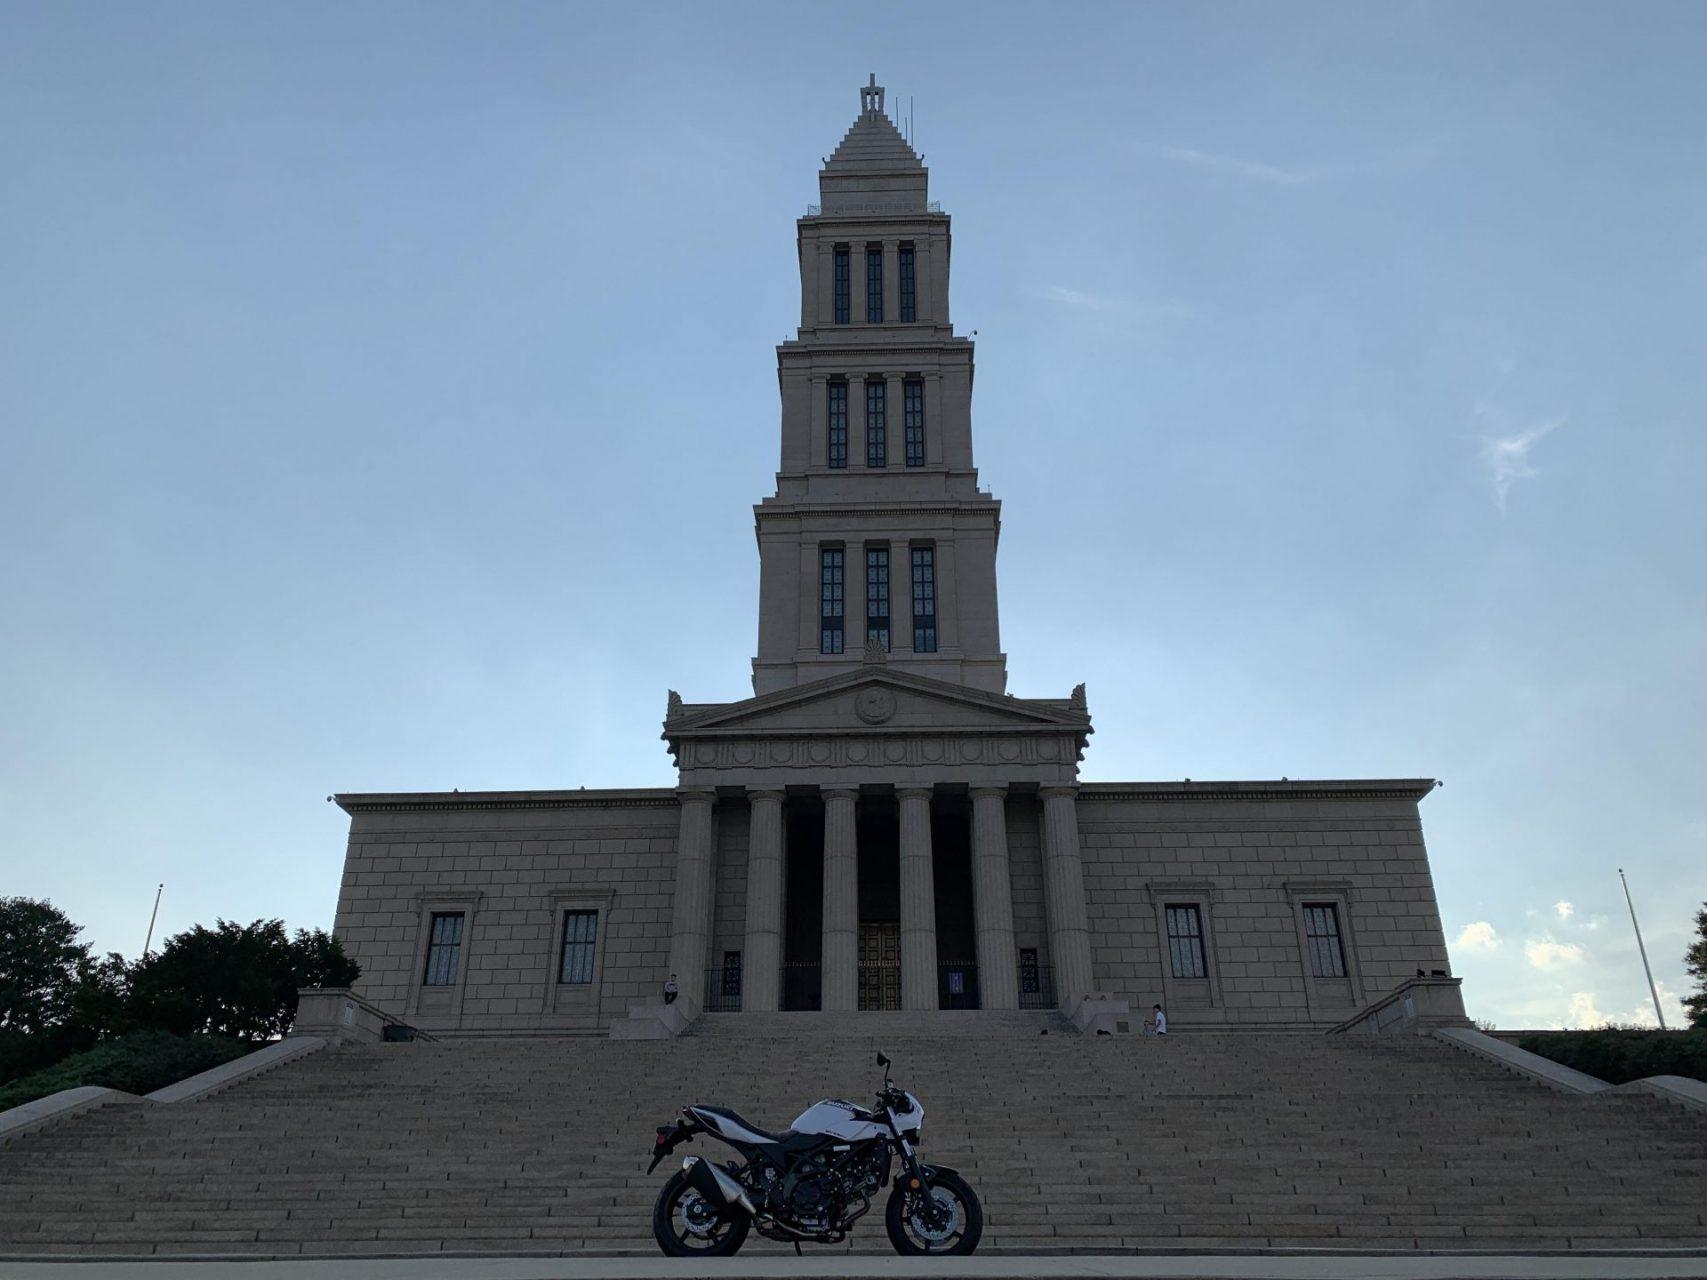 https://bikemeets.com/wp-content/uploads/2020/07/GeorgeWashingtonMasonicMemorial-scaled.jpg